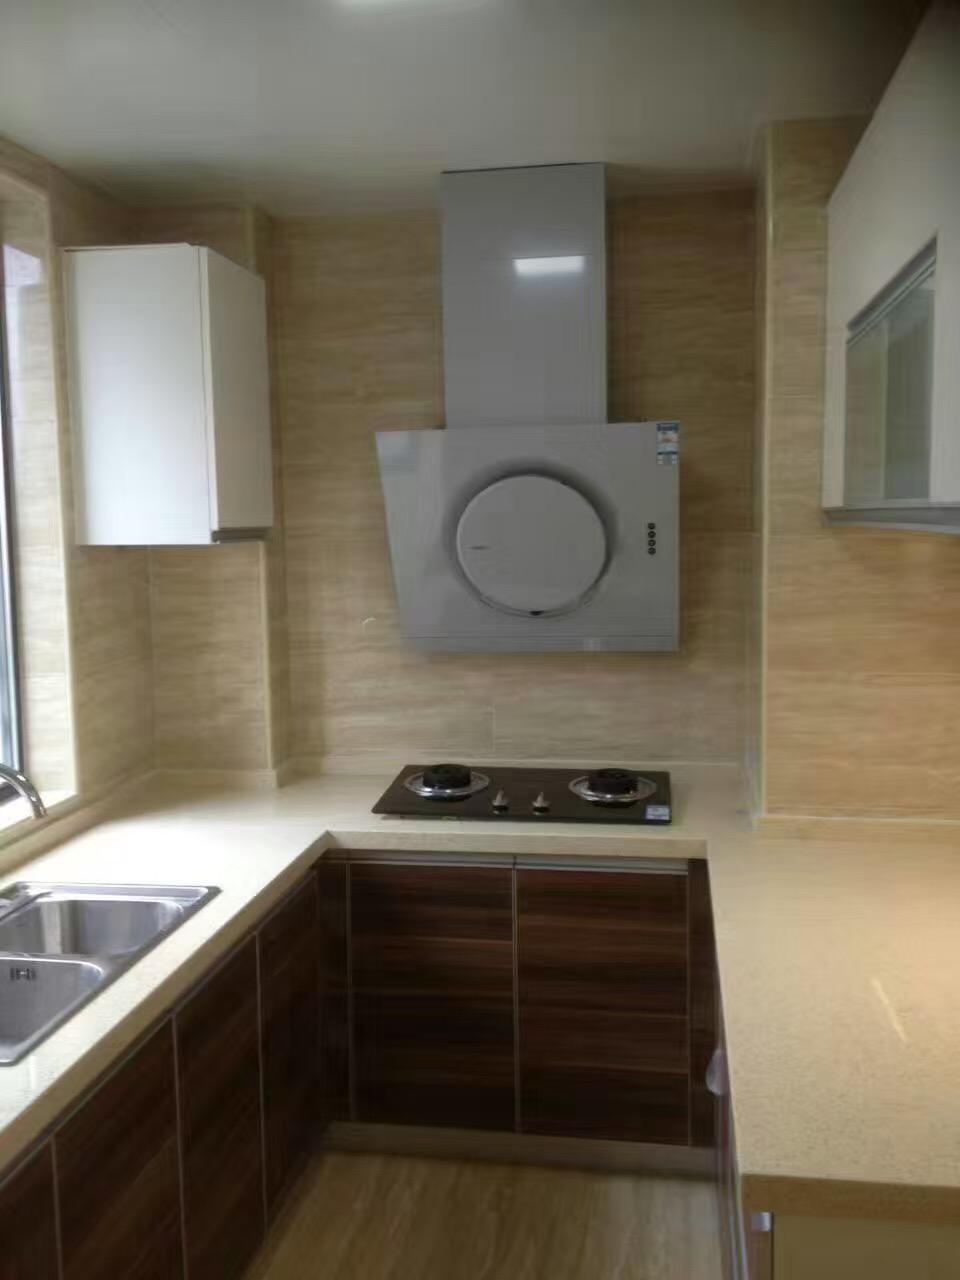 回形橱柜让厨房每个角落的空间得到充分利用。